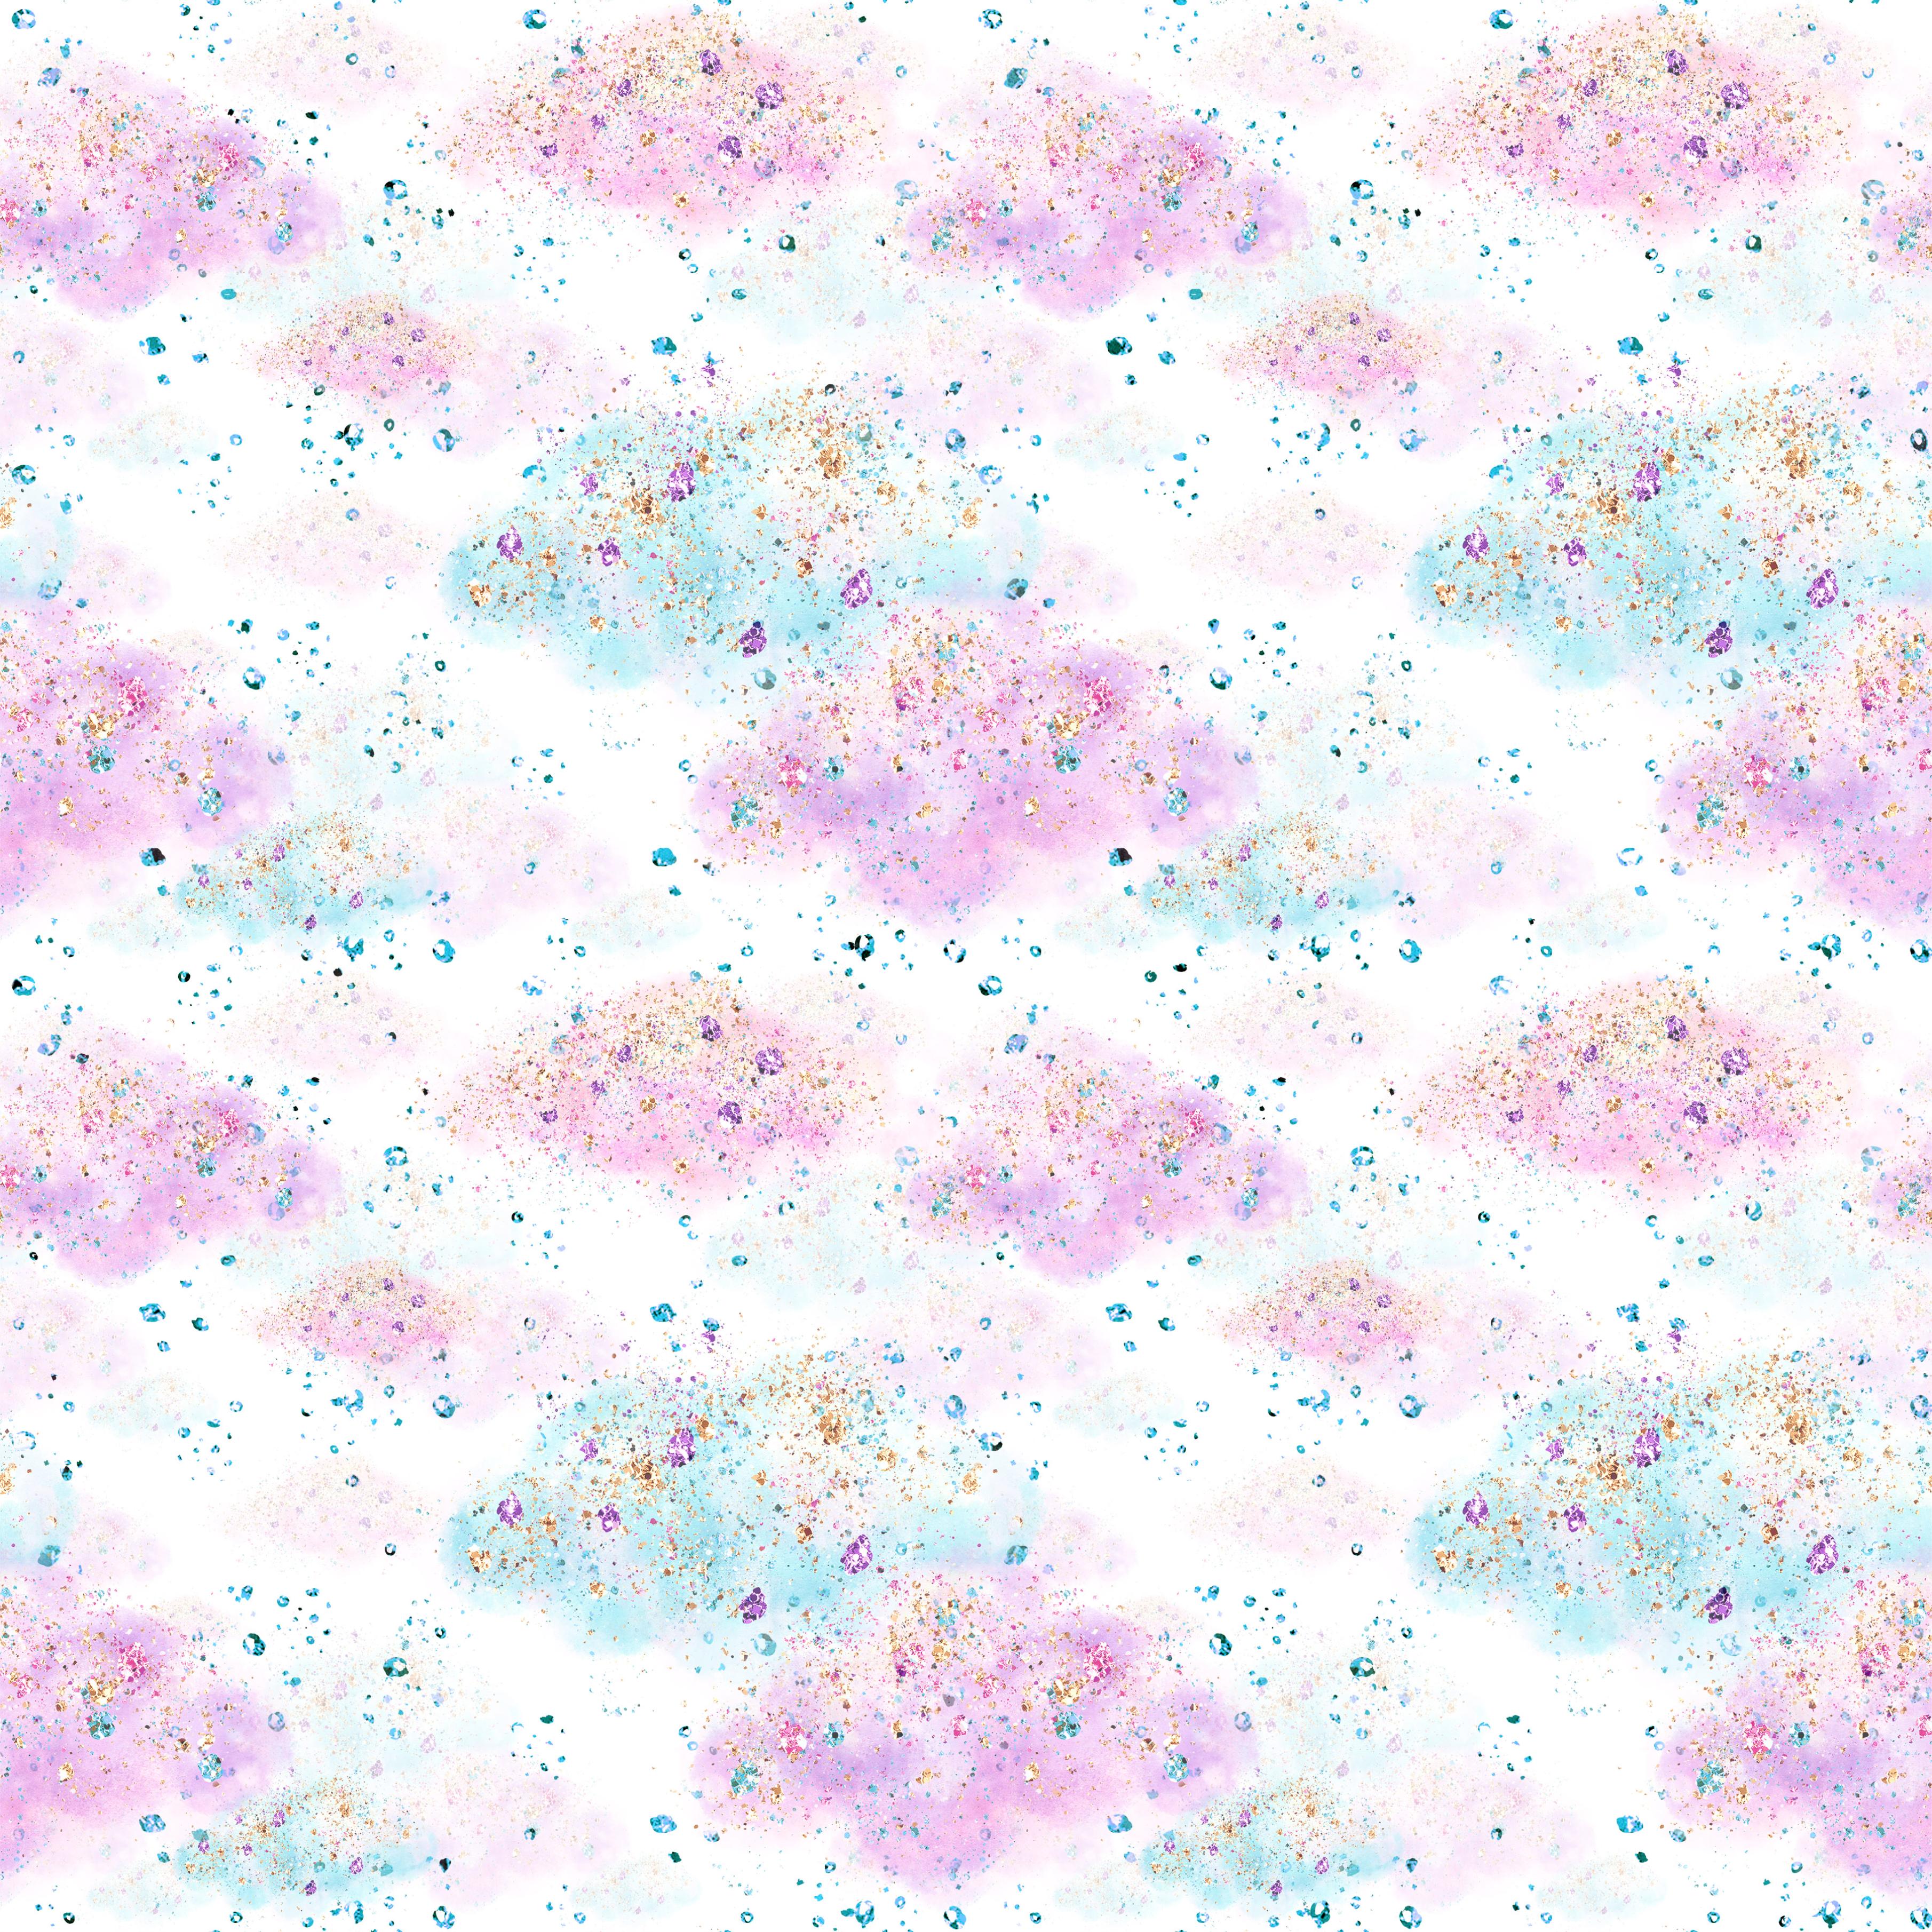 papel digital ursinhos carinhosos rosa 2